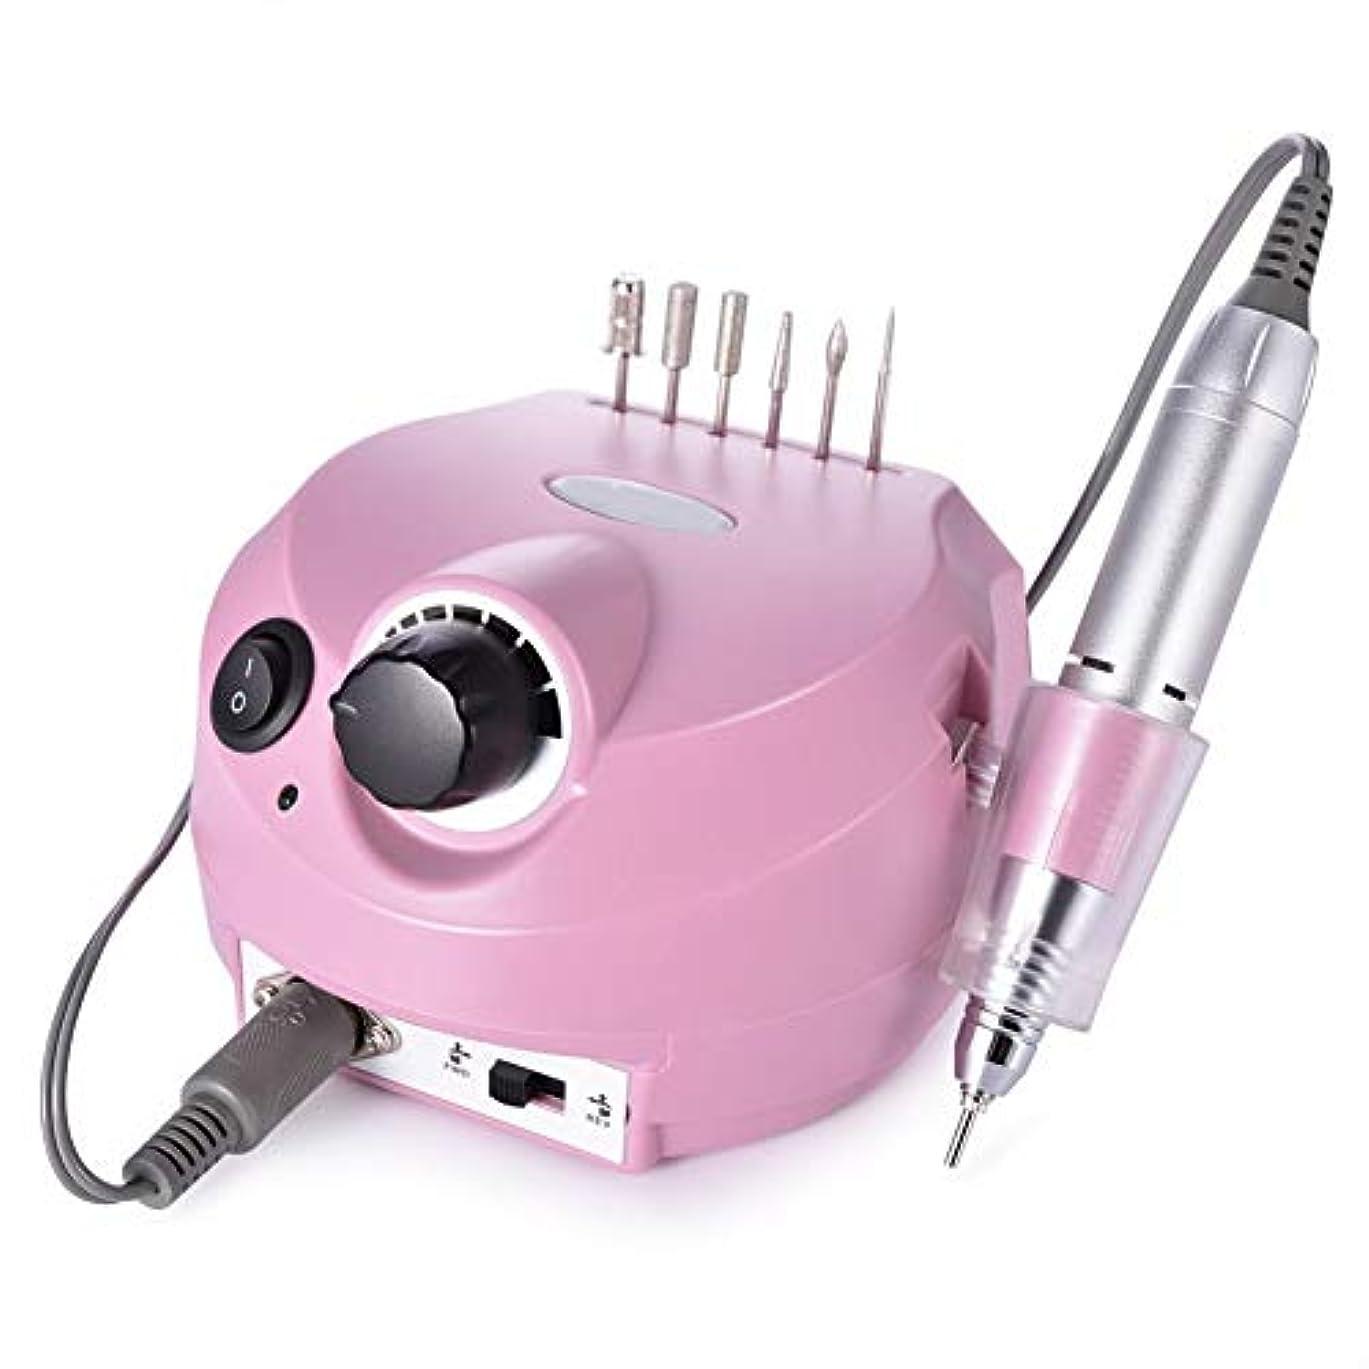 カウボーイ戦艦ぬいぐるみマニキュアおよび釘の装飾のための電気釘のドリル装置の家の使用のための電気釘ドリルのマニキュアそしてペディキュアの粉砕機のキット,Pink